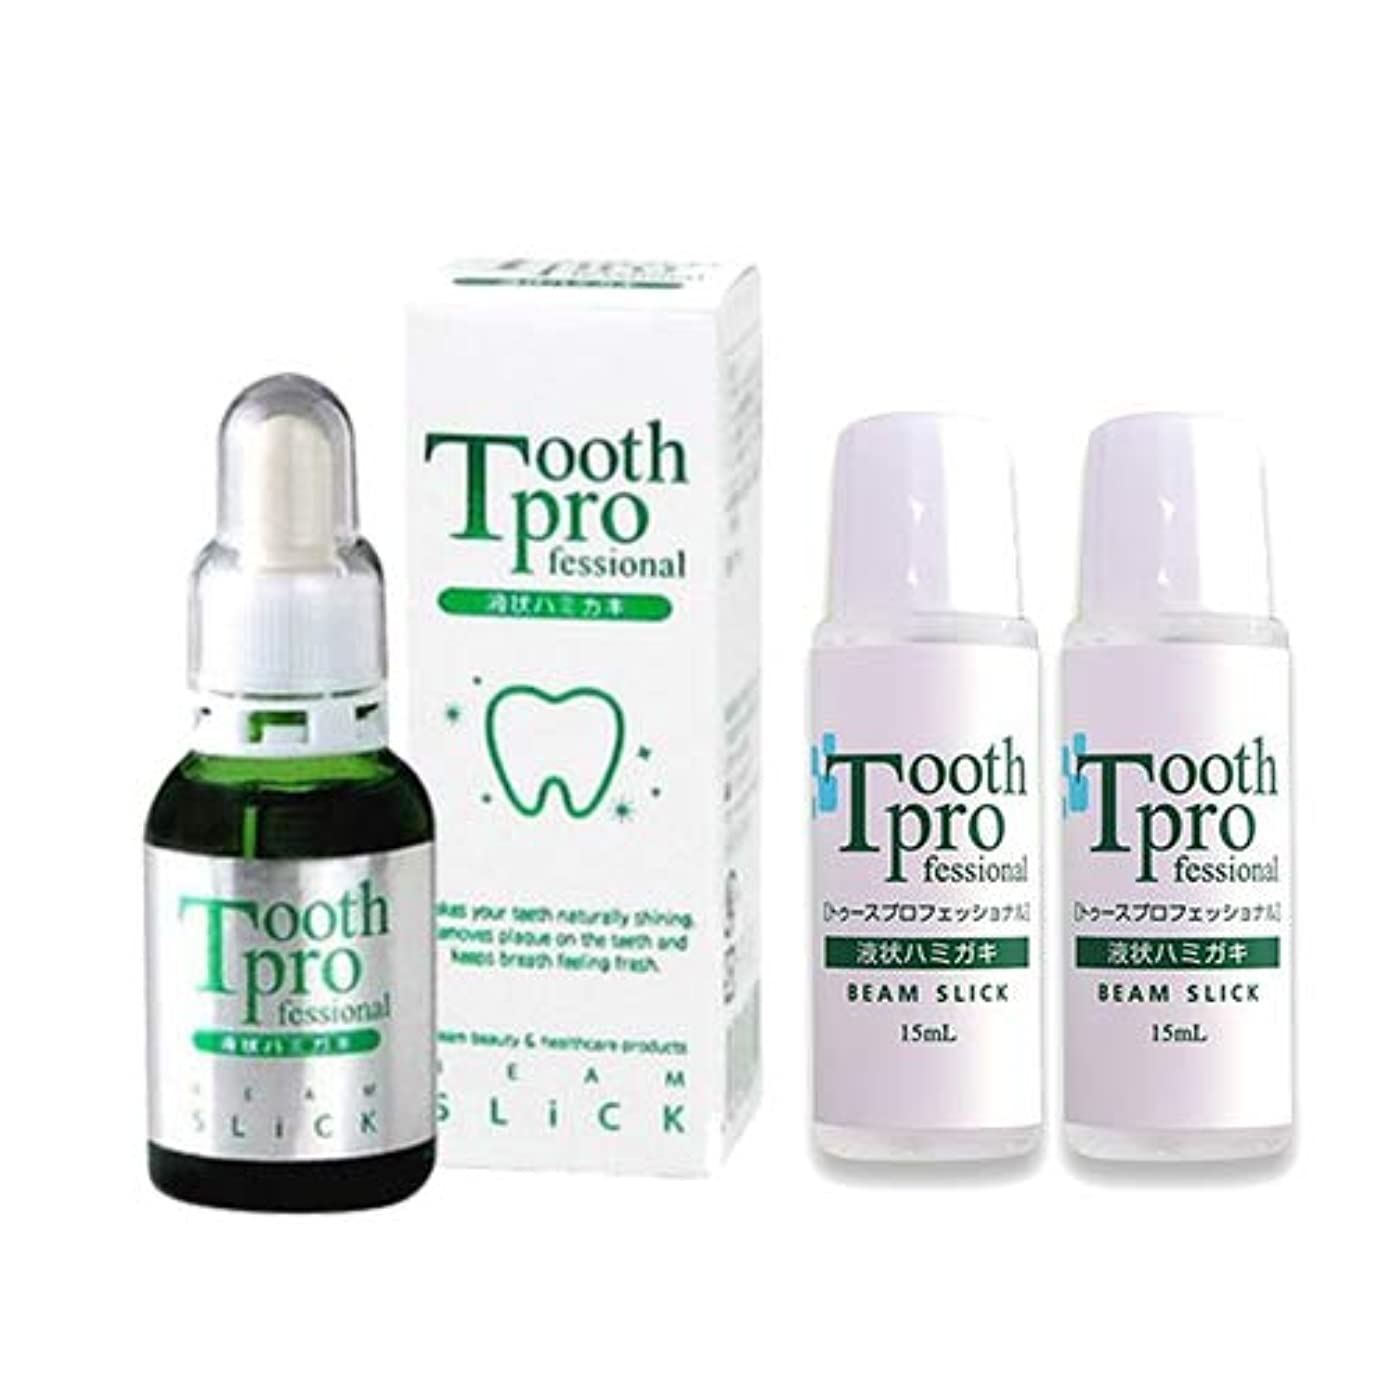 睡眠浸漬協力的ビームスリック トゥースプロフェッショナル(BEAM SLICK Tooth professional) 20mL×1個 + 15ml×2個(合計3点 50mL)セット